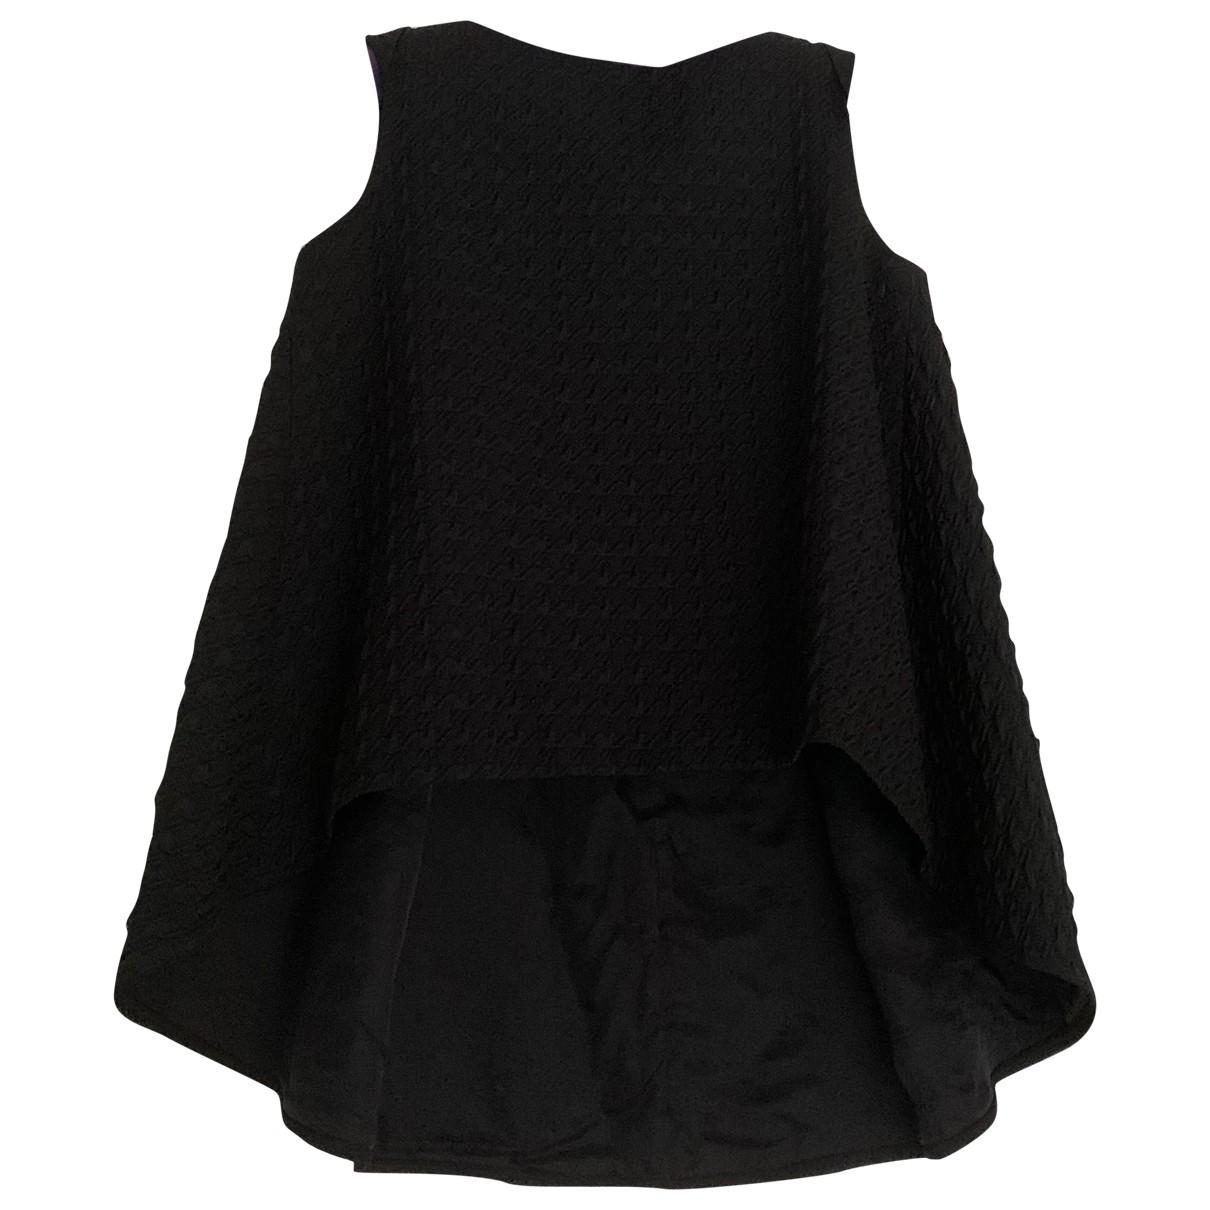 Erdem - Top   pour femme en soie - noir